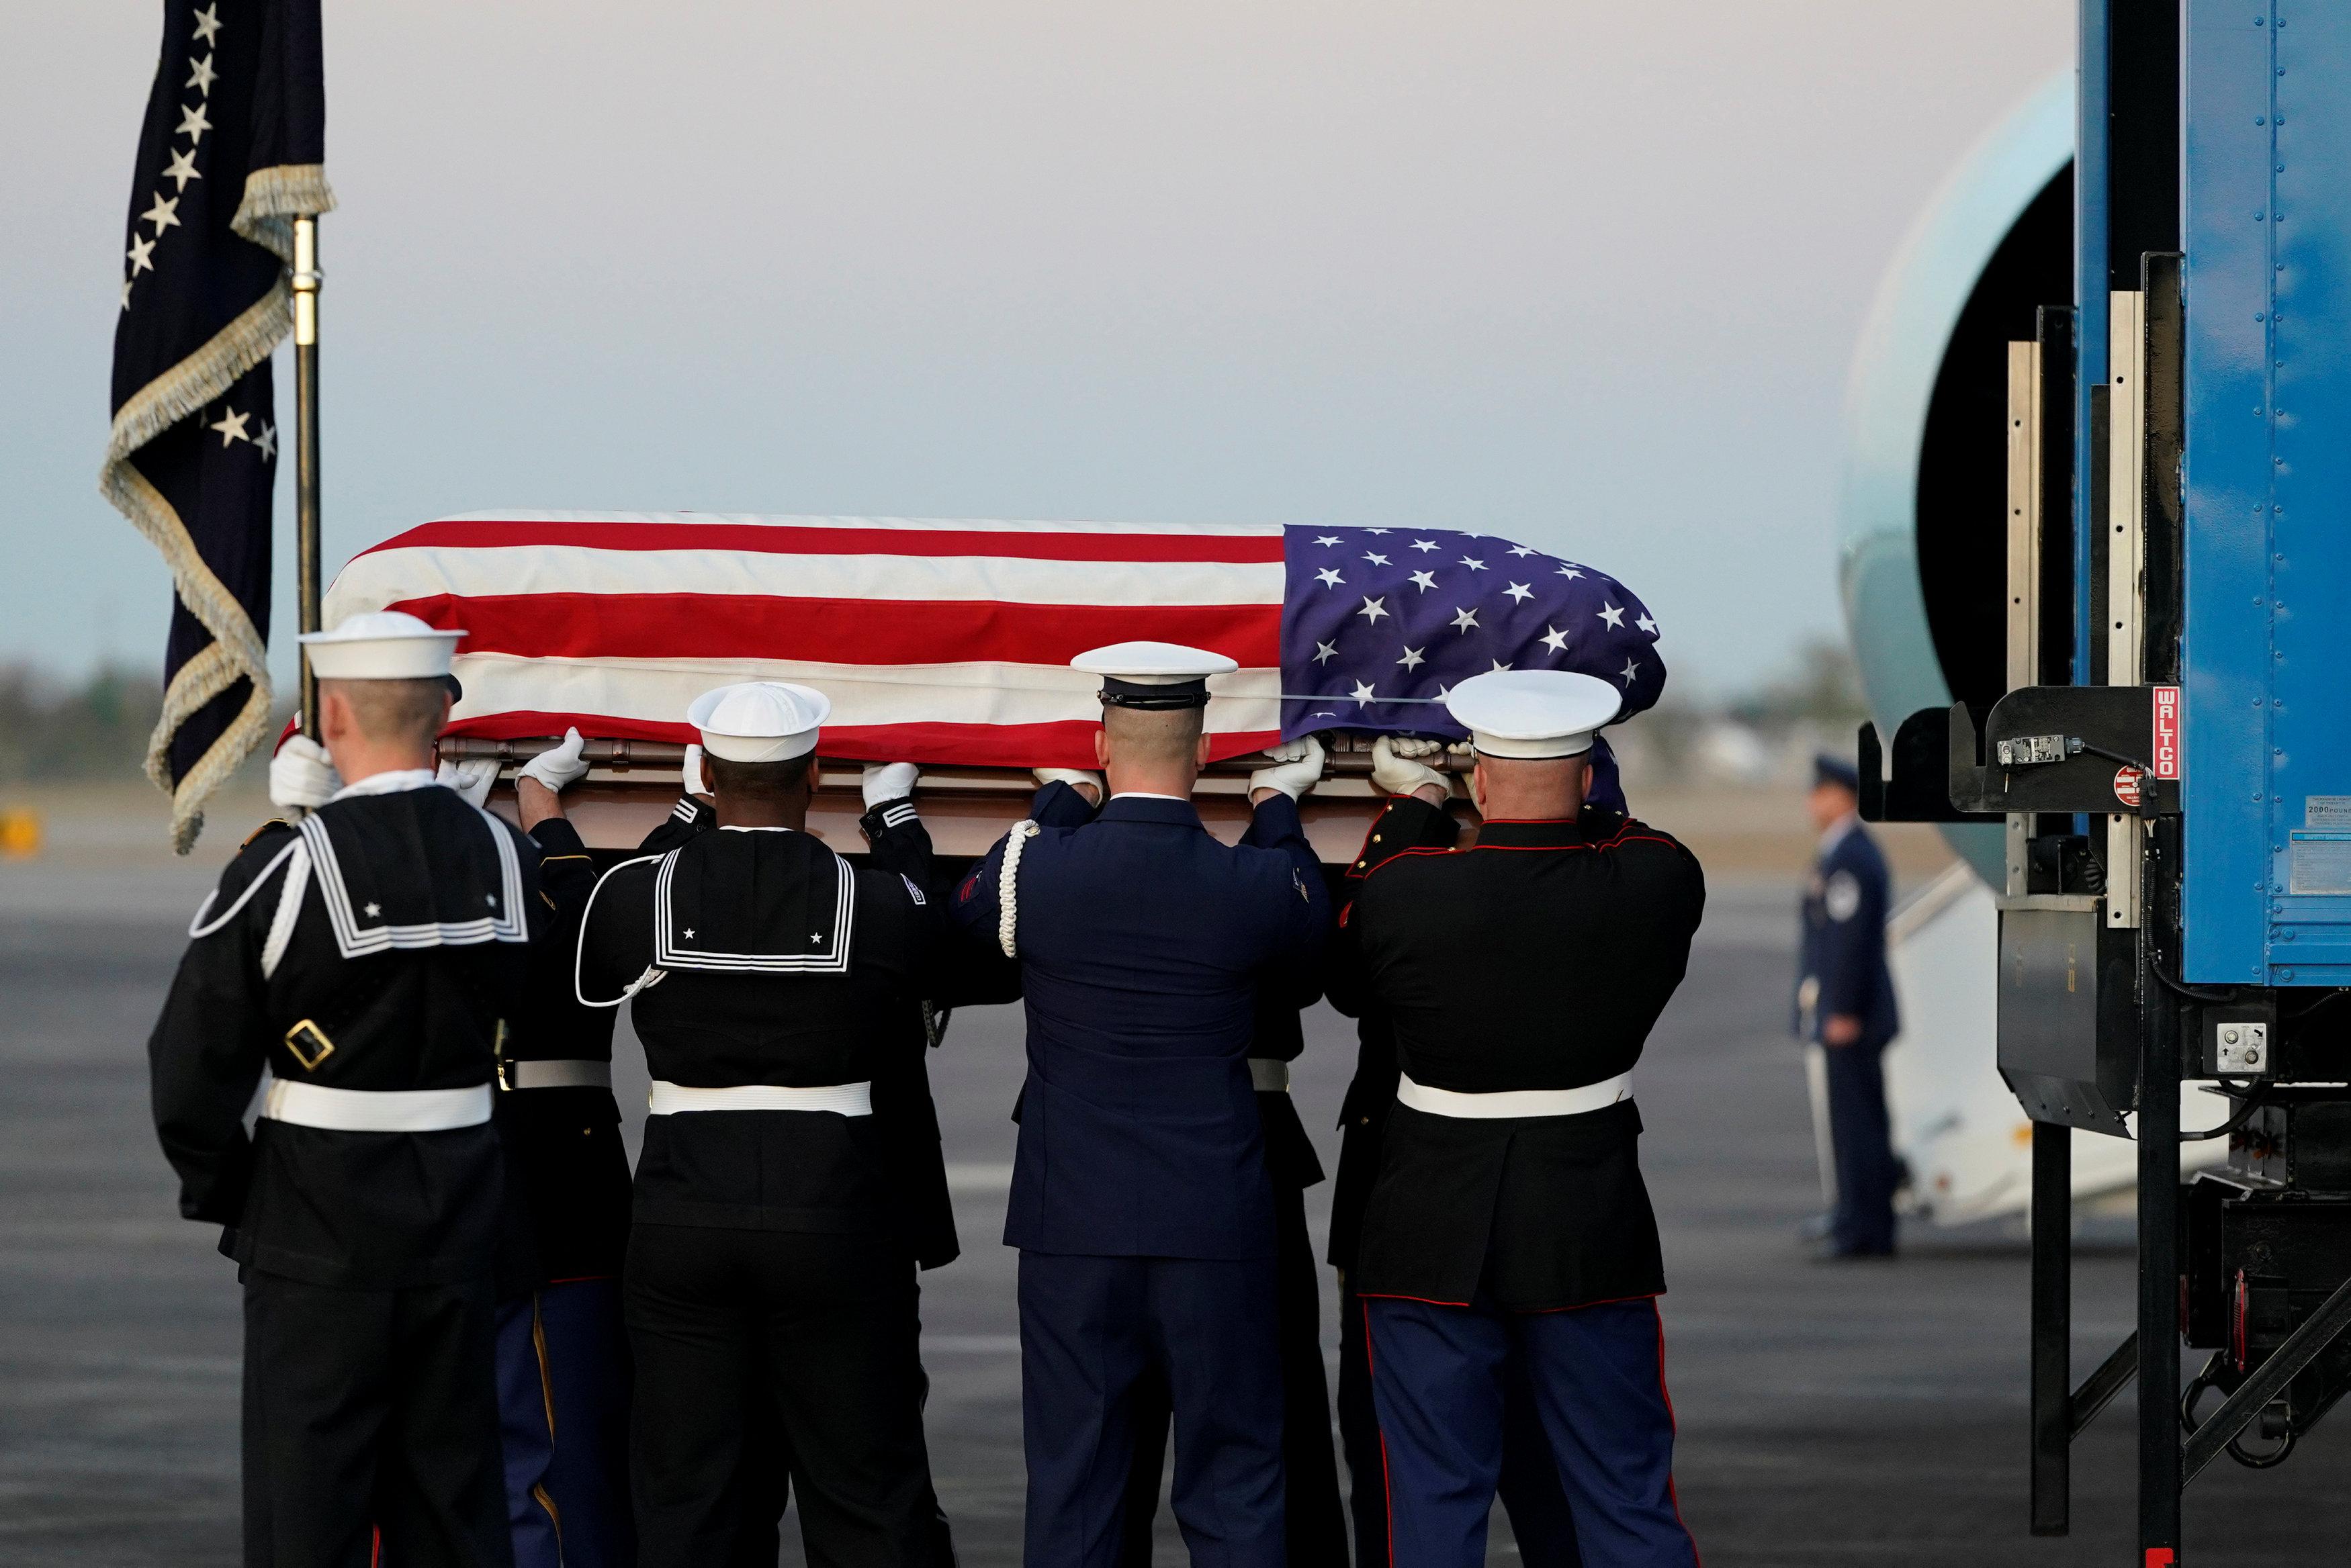 انطلاق مراسم جنازة الرئيس الأمريكى جورج بوش الأب (17)